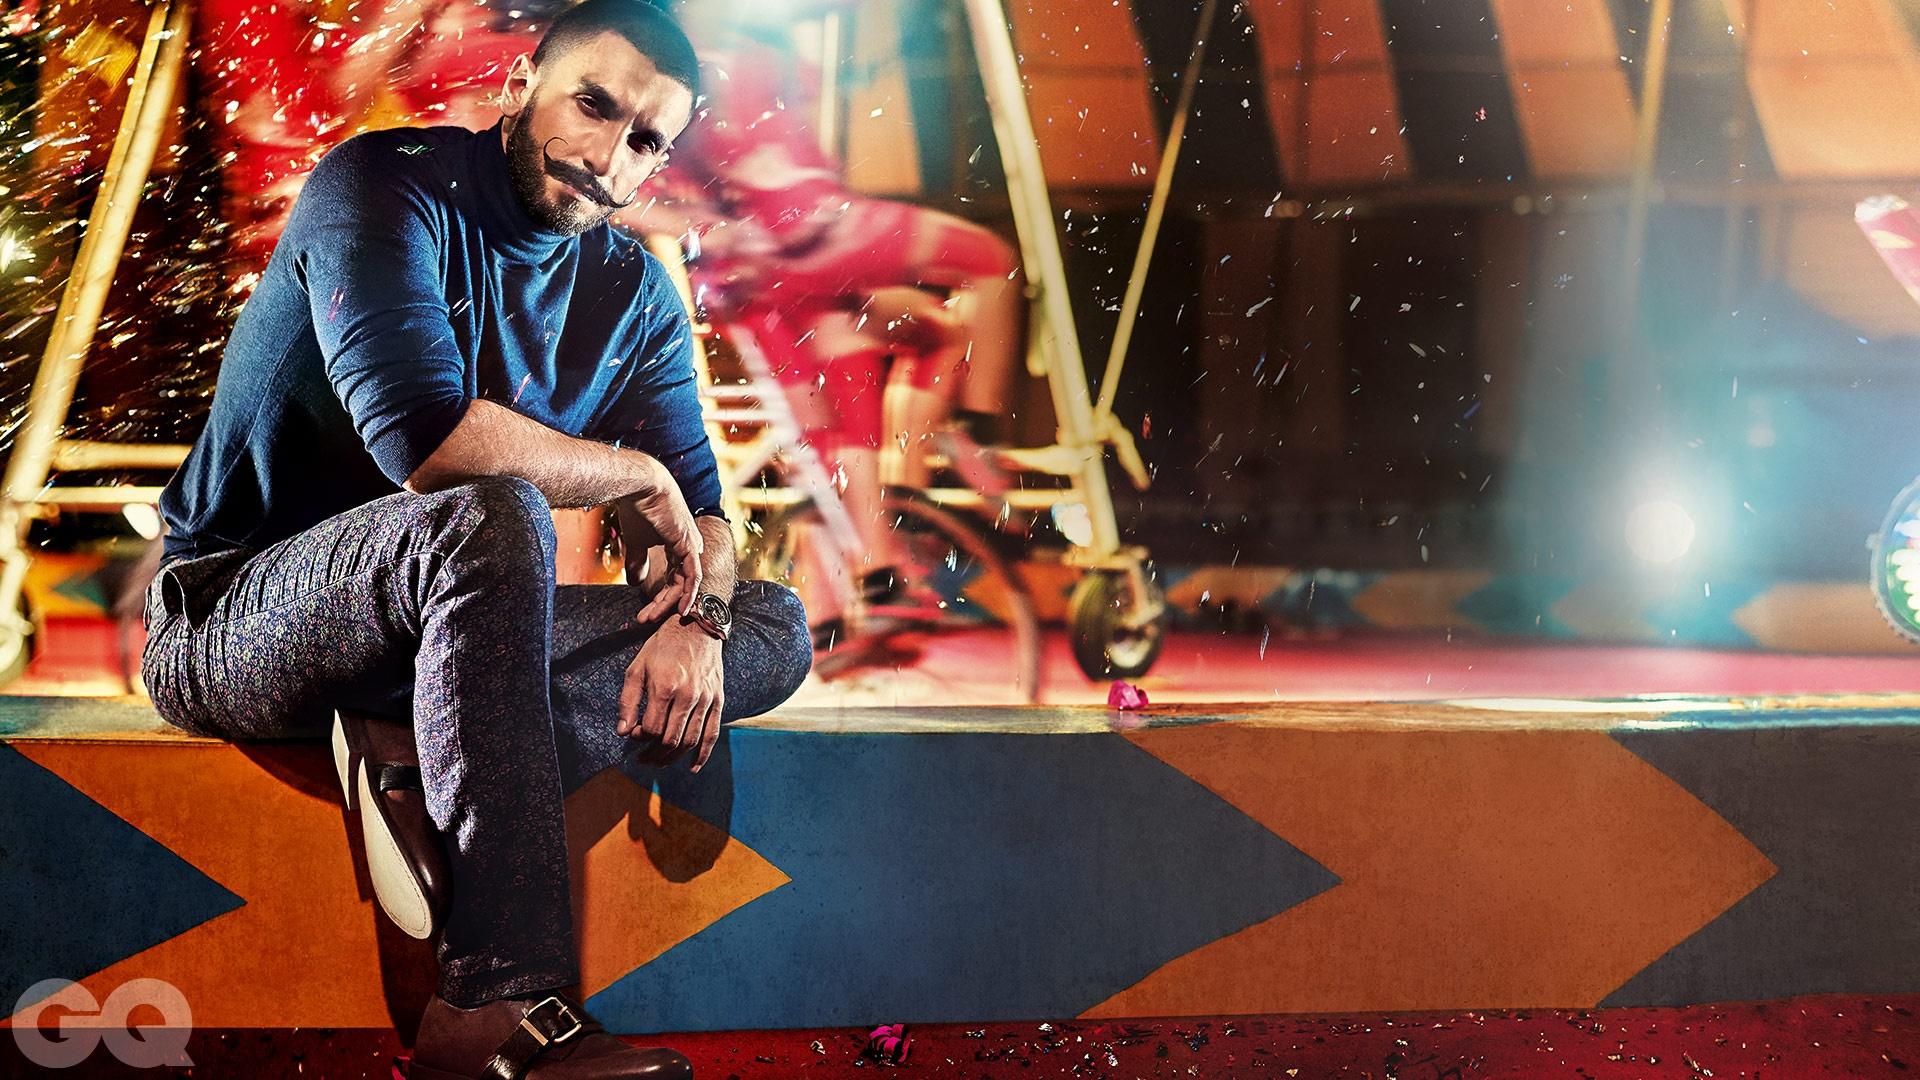 Actor Ranveer Singh Wallpapers In Jpg Format For Free Download